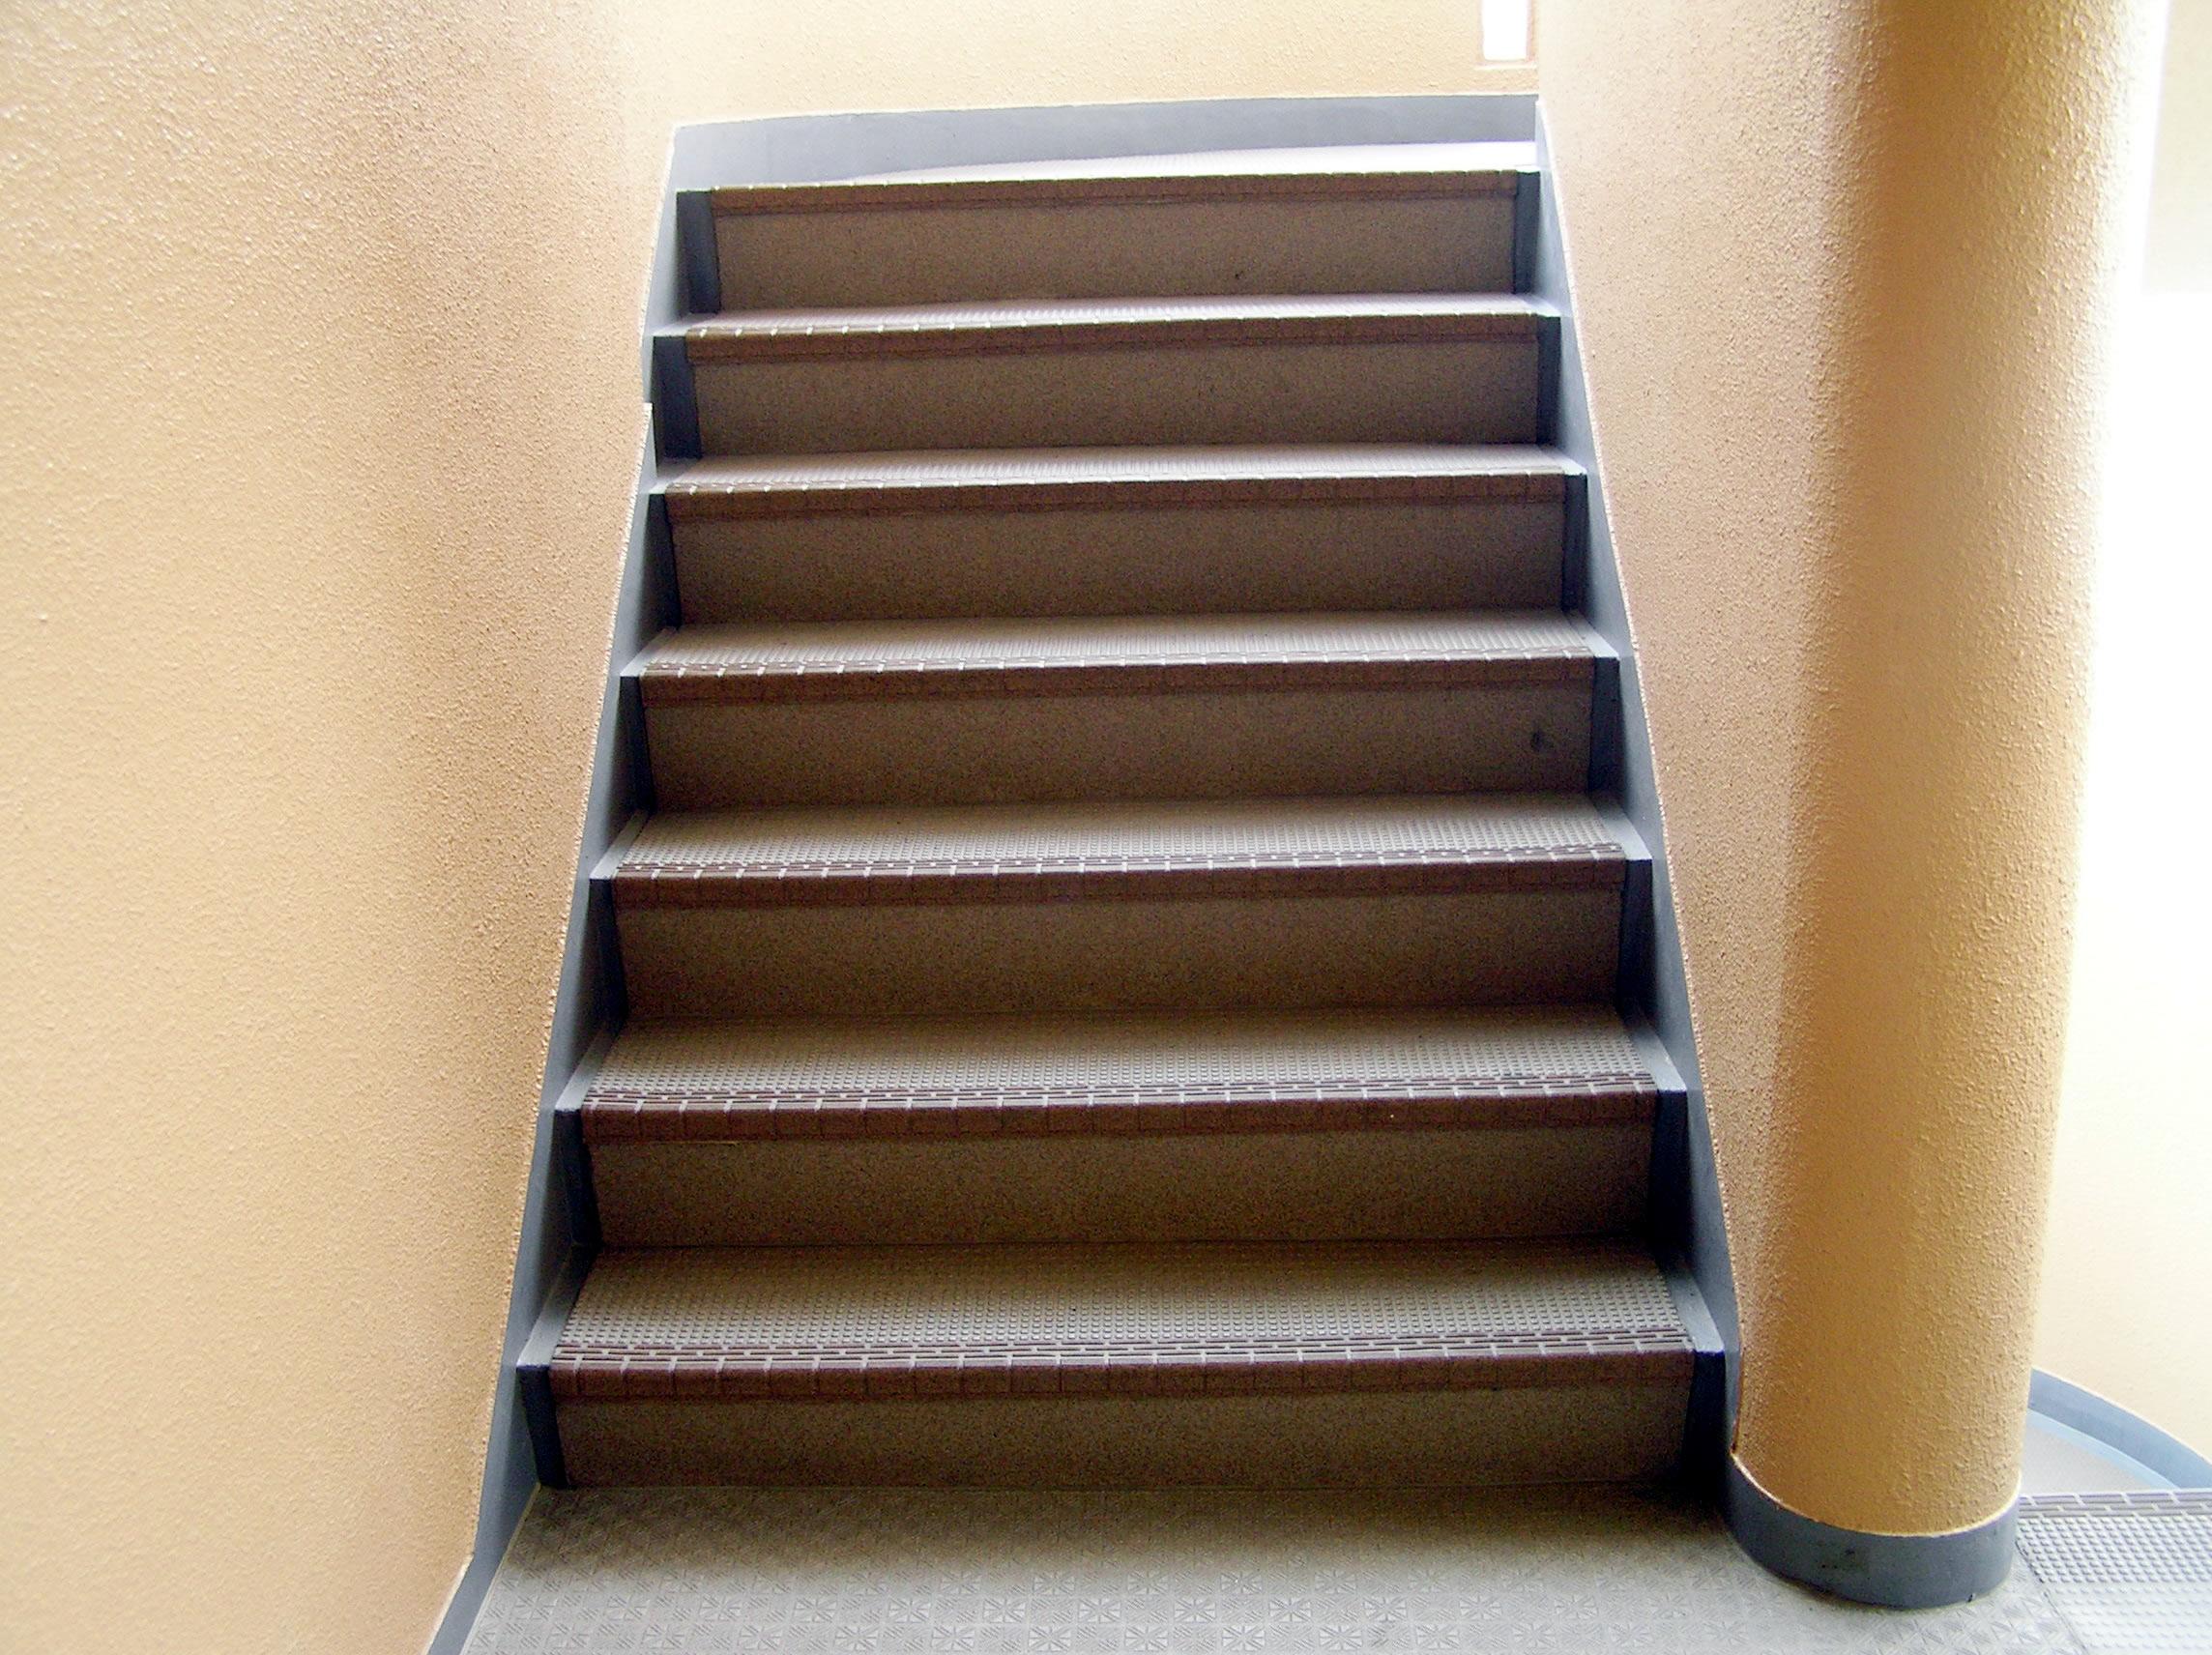 意外と知らない!!階段の寸法って、法律で決められていた!?のサムネイル画像